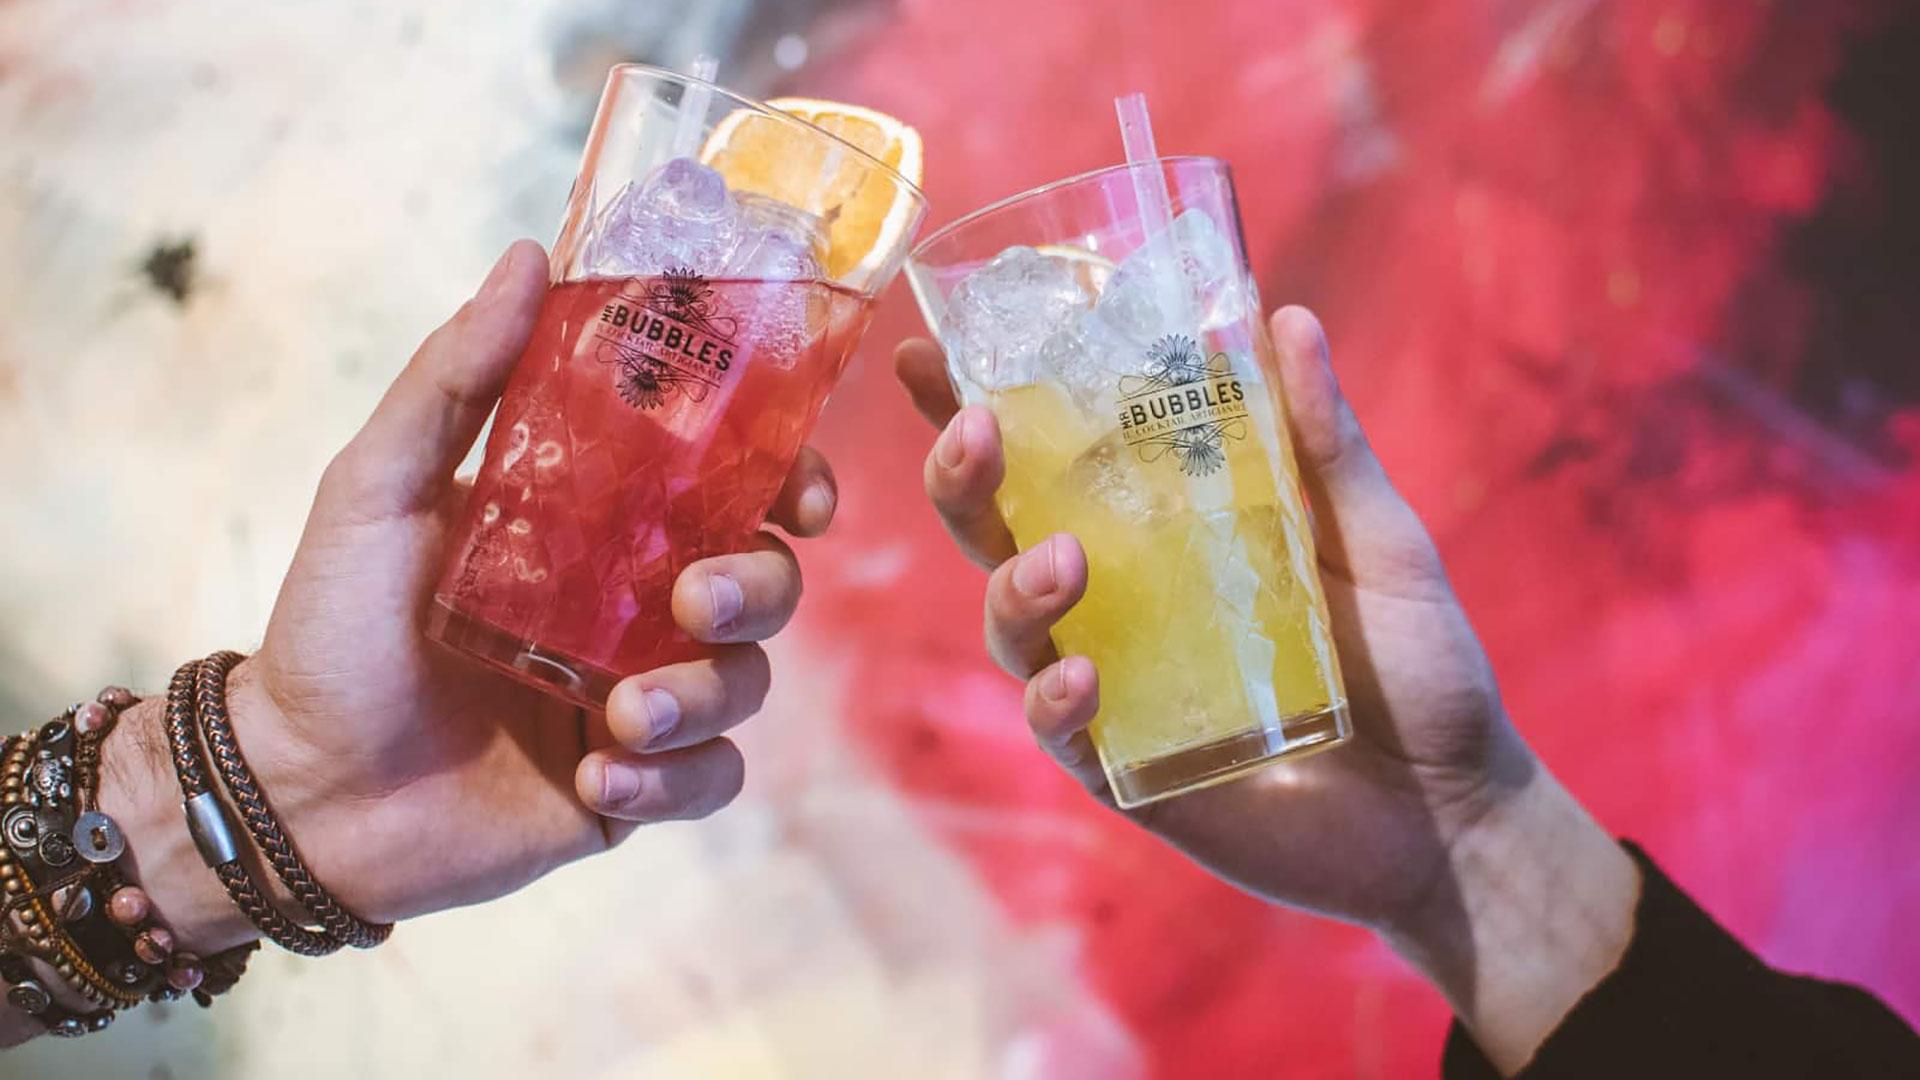 Cocktail artigianali a domicilio già pronti: ecco dove ordinarli